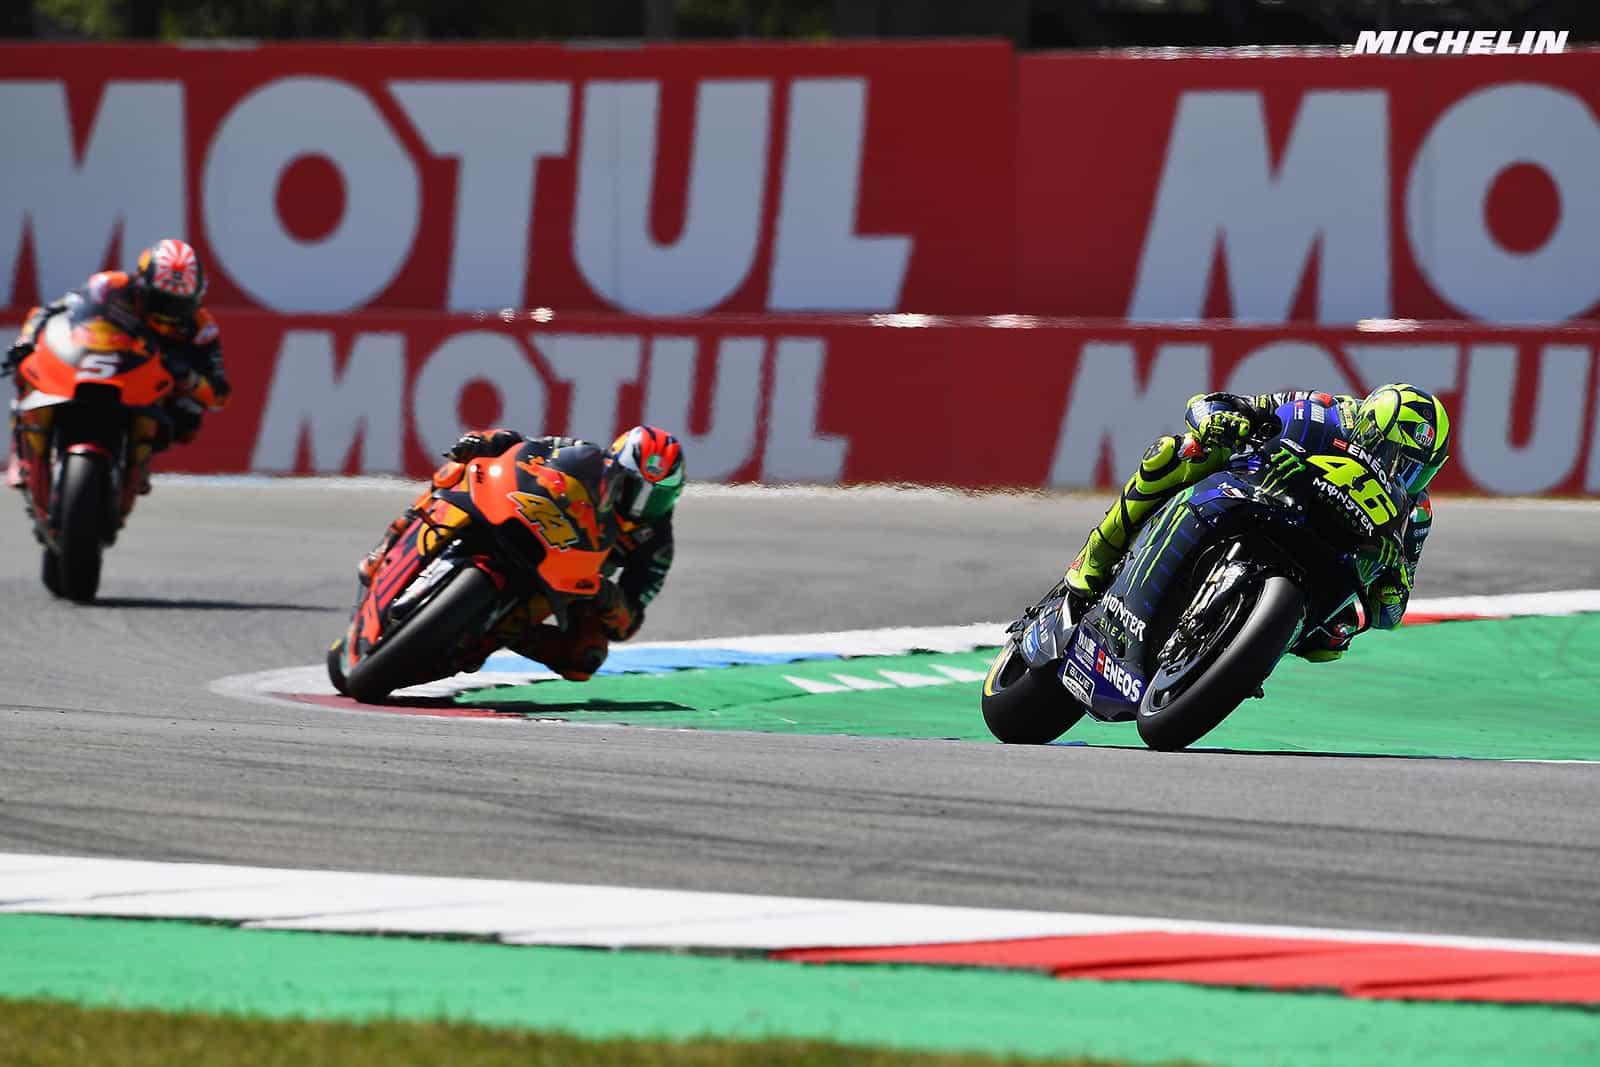 MotoGP2019オランダGP ロッシ「良いフィーリングだっただけに残念、中上には申し訳ない」